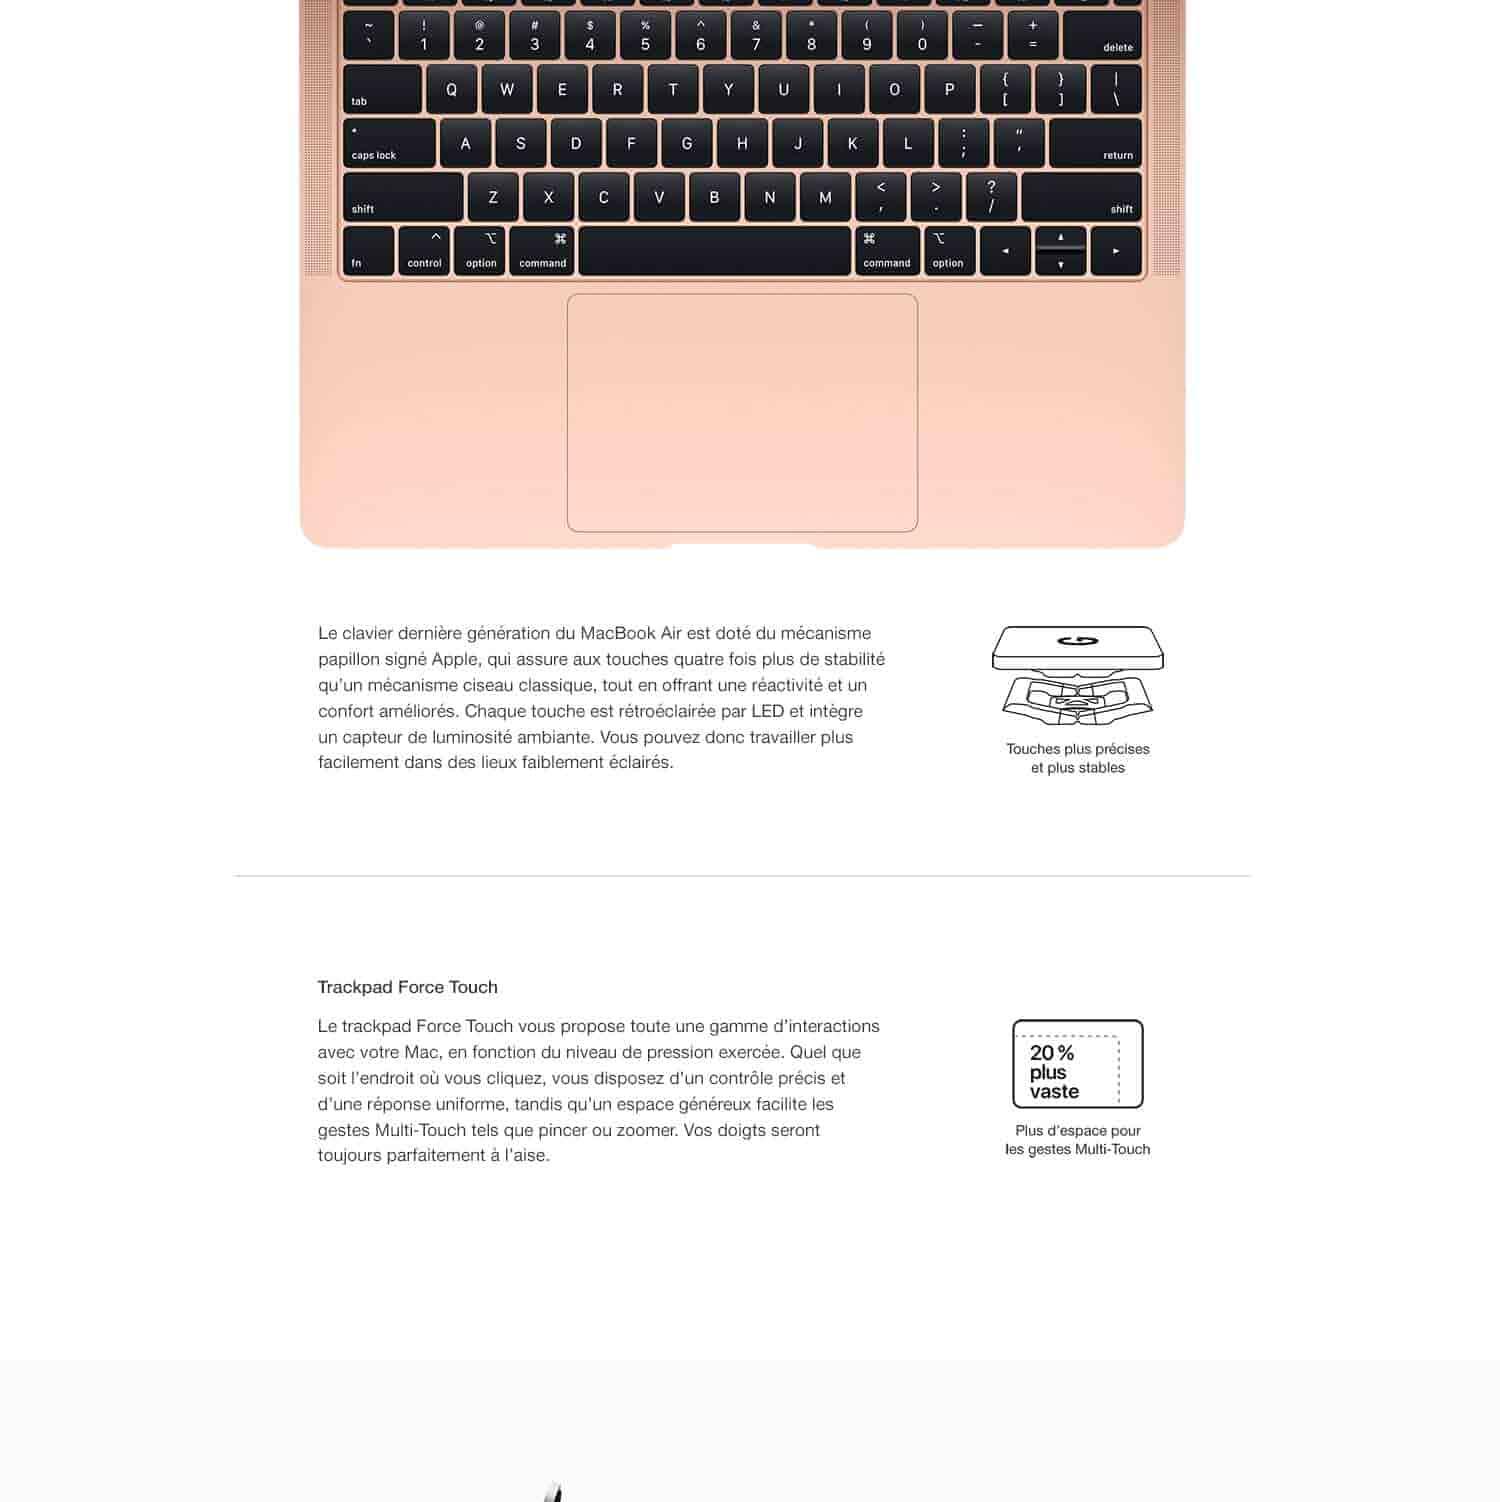 Apple MacBook Air (13 pouces, Intel Core i5 bicœur à 1,6 GHz, 8 Go RAM, 128 Go) - Gris sidéral